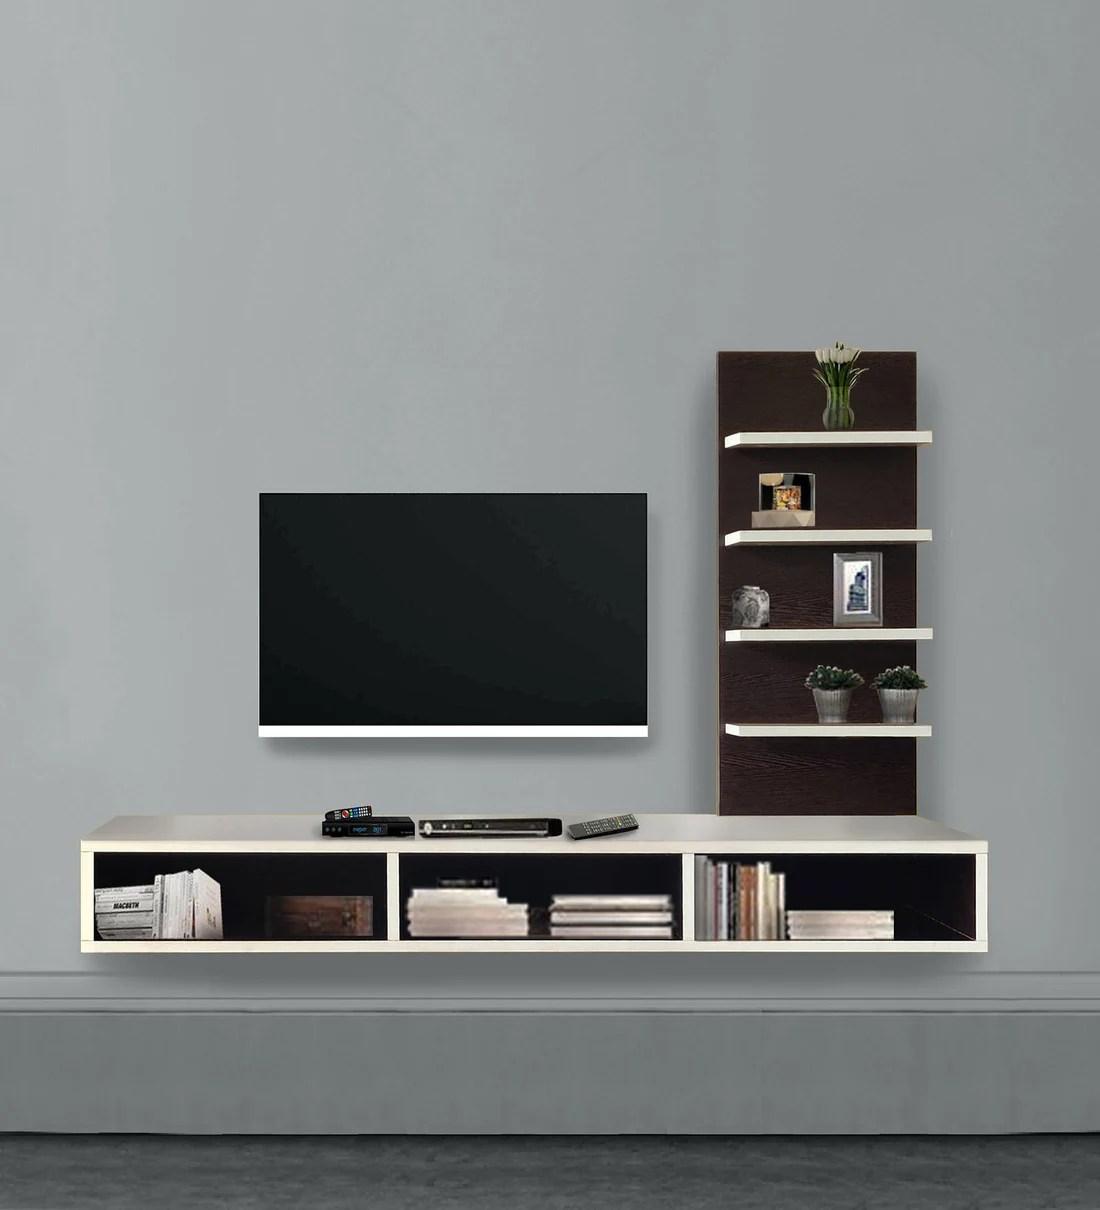 thomas wall mounted tv unit in wenge finish